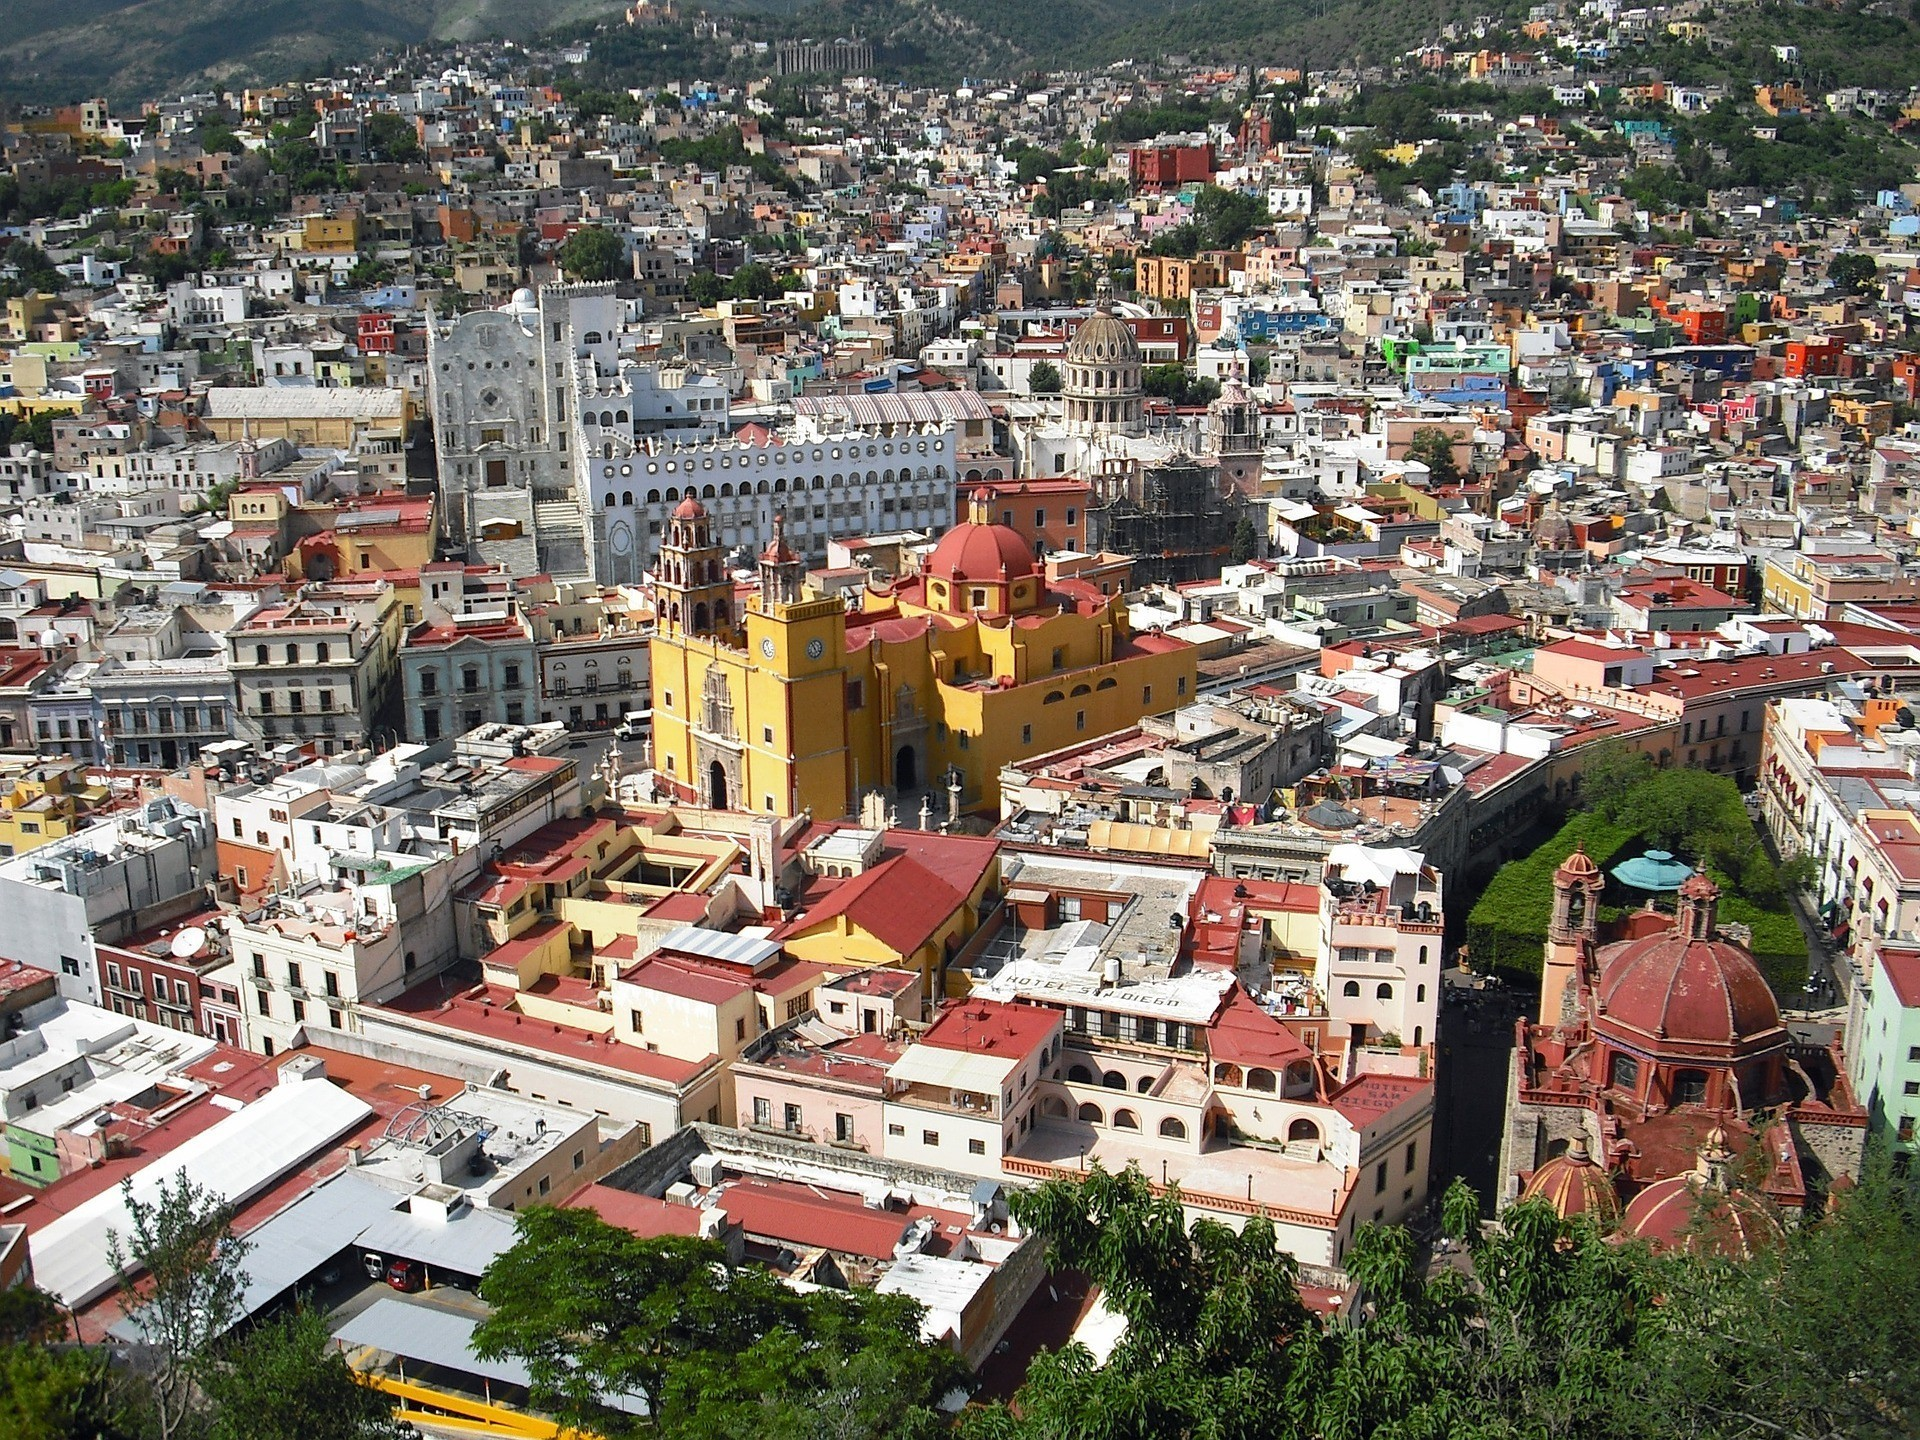 Le Mexique et ses héritages de l'époque coloniale dans son patrimoine